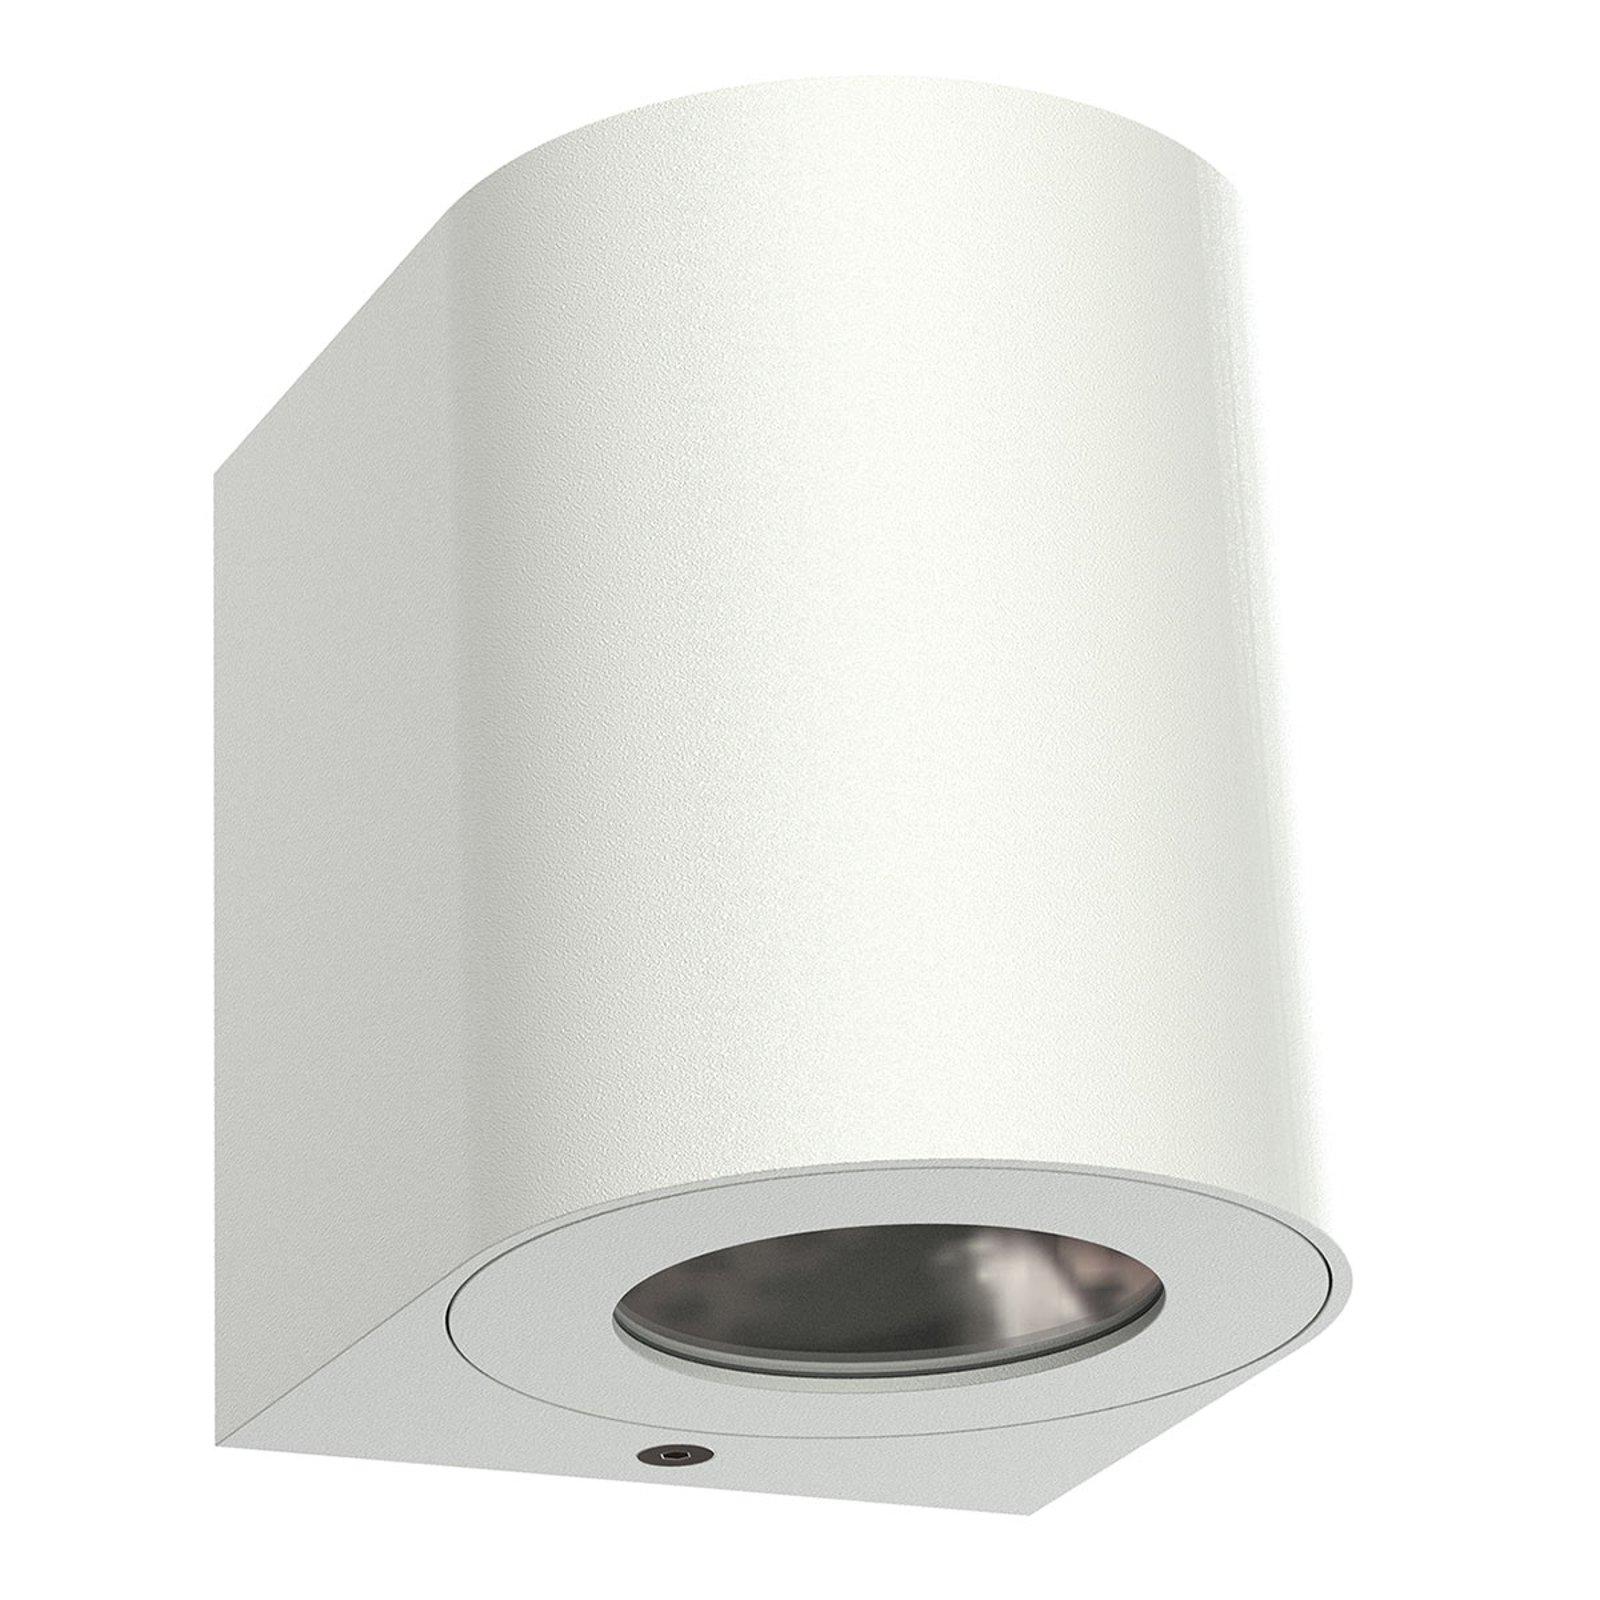 Utendørs LED-vegglampe Canto 2, 10 cm, hvit